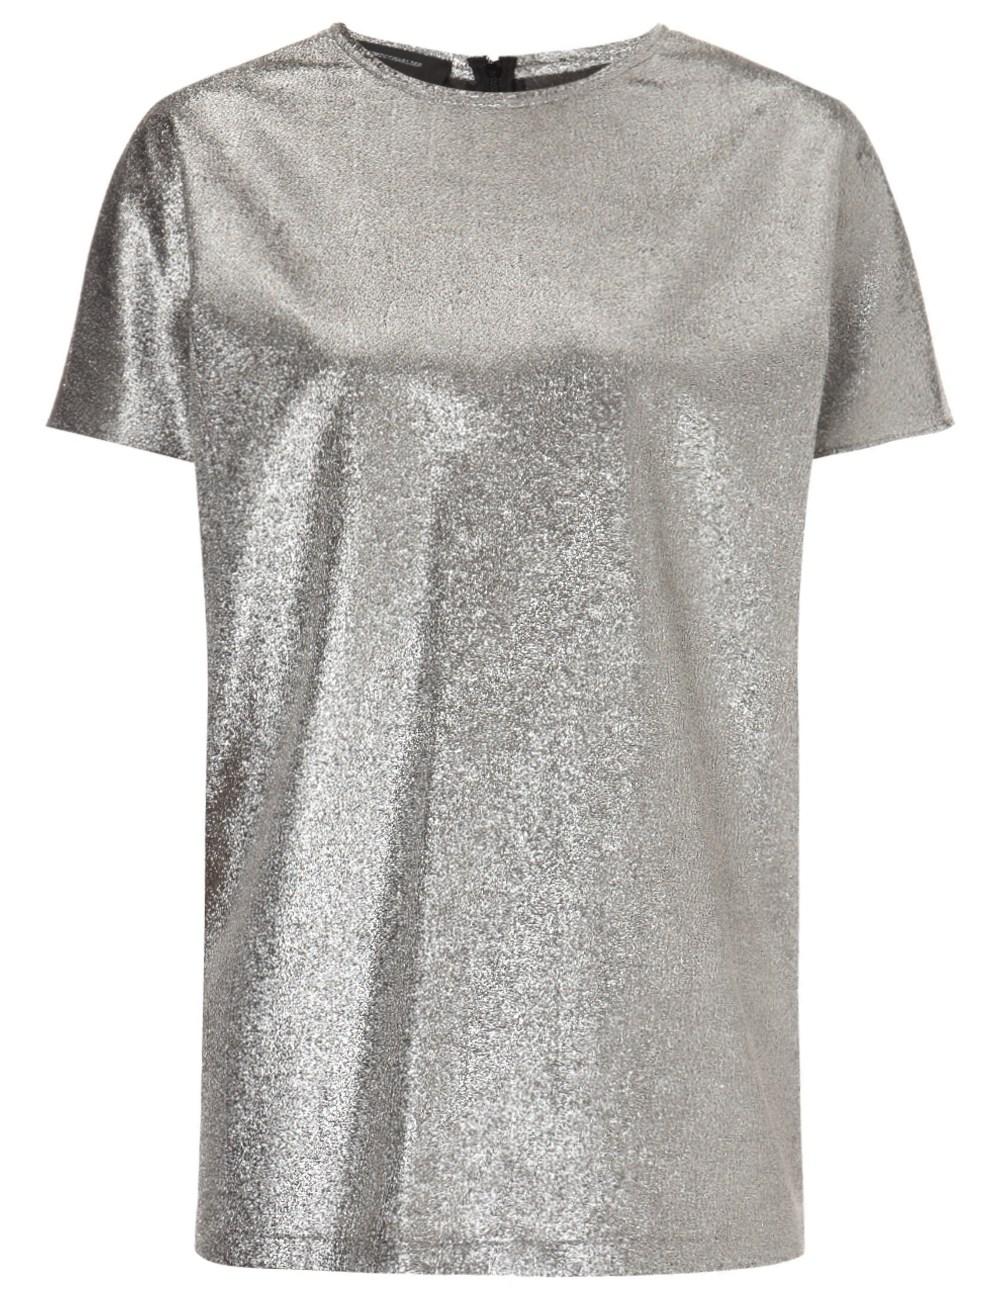 Silver silk lamé top